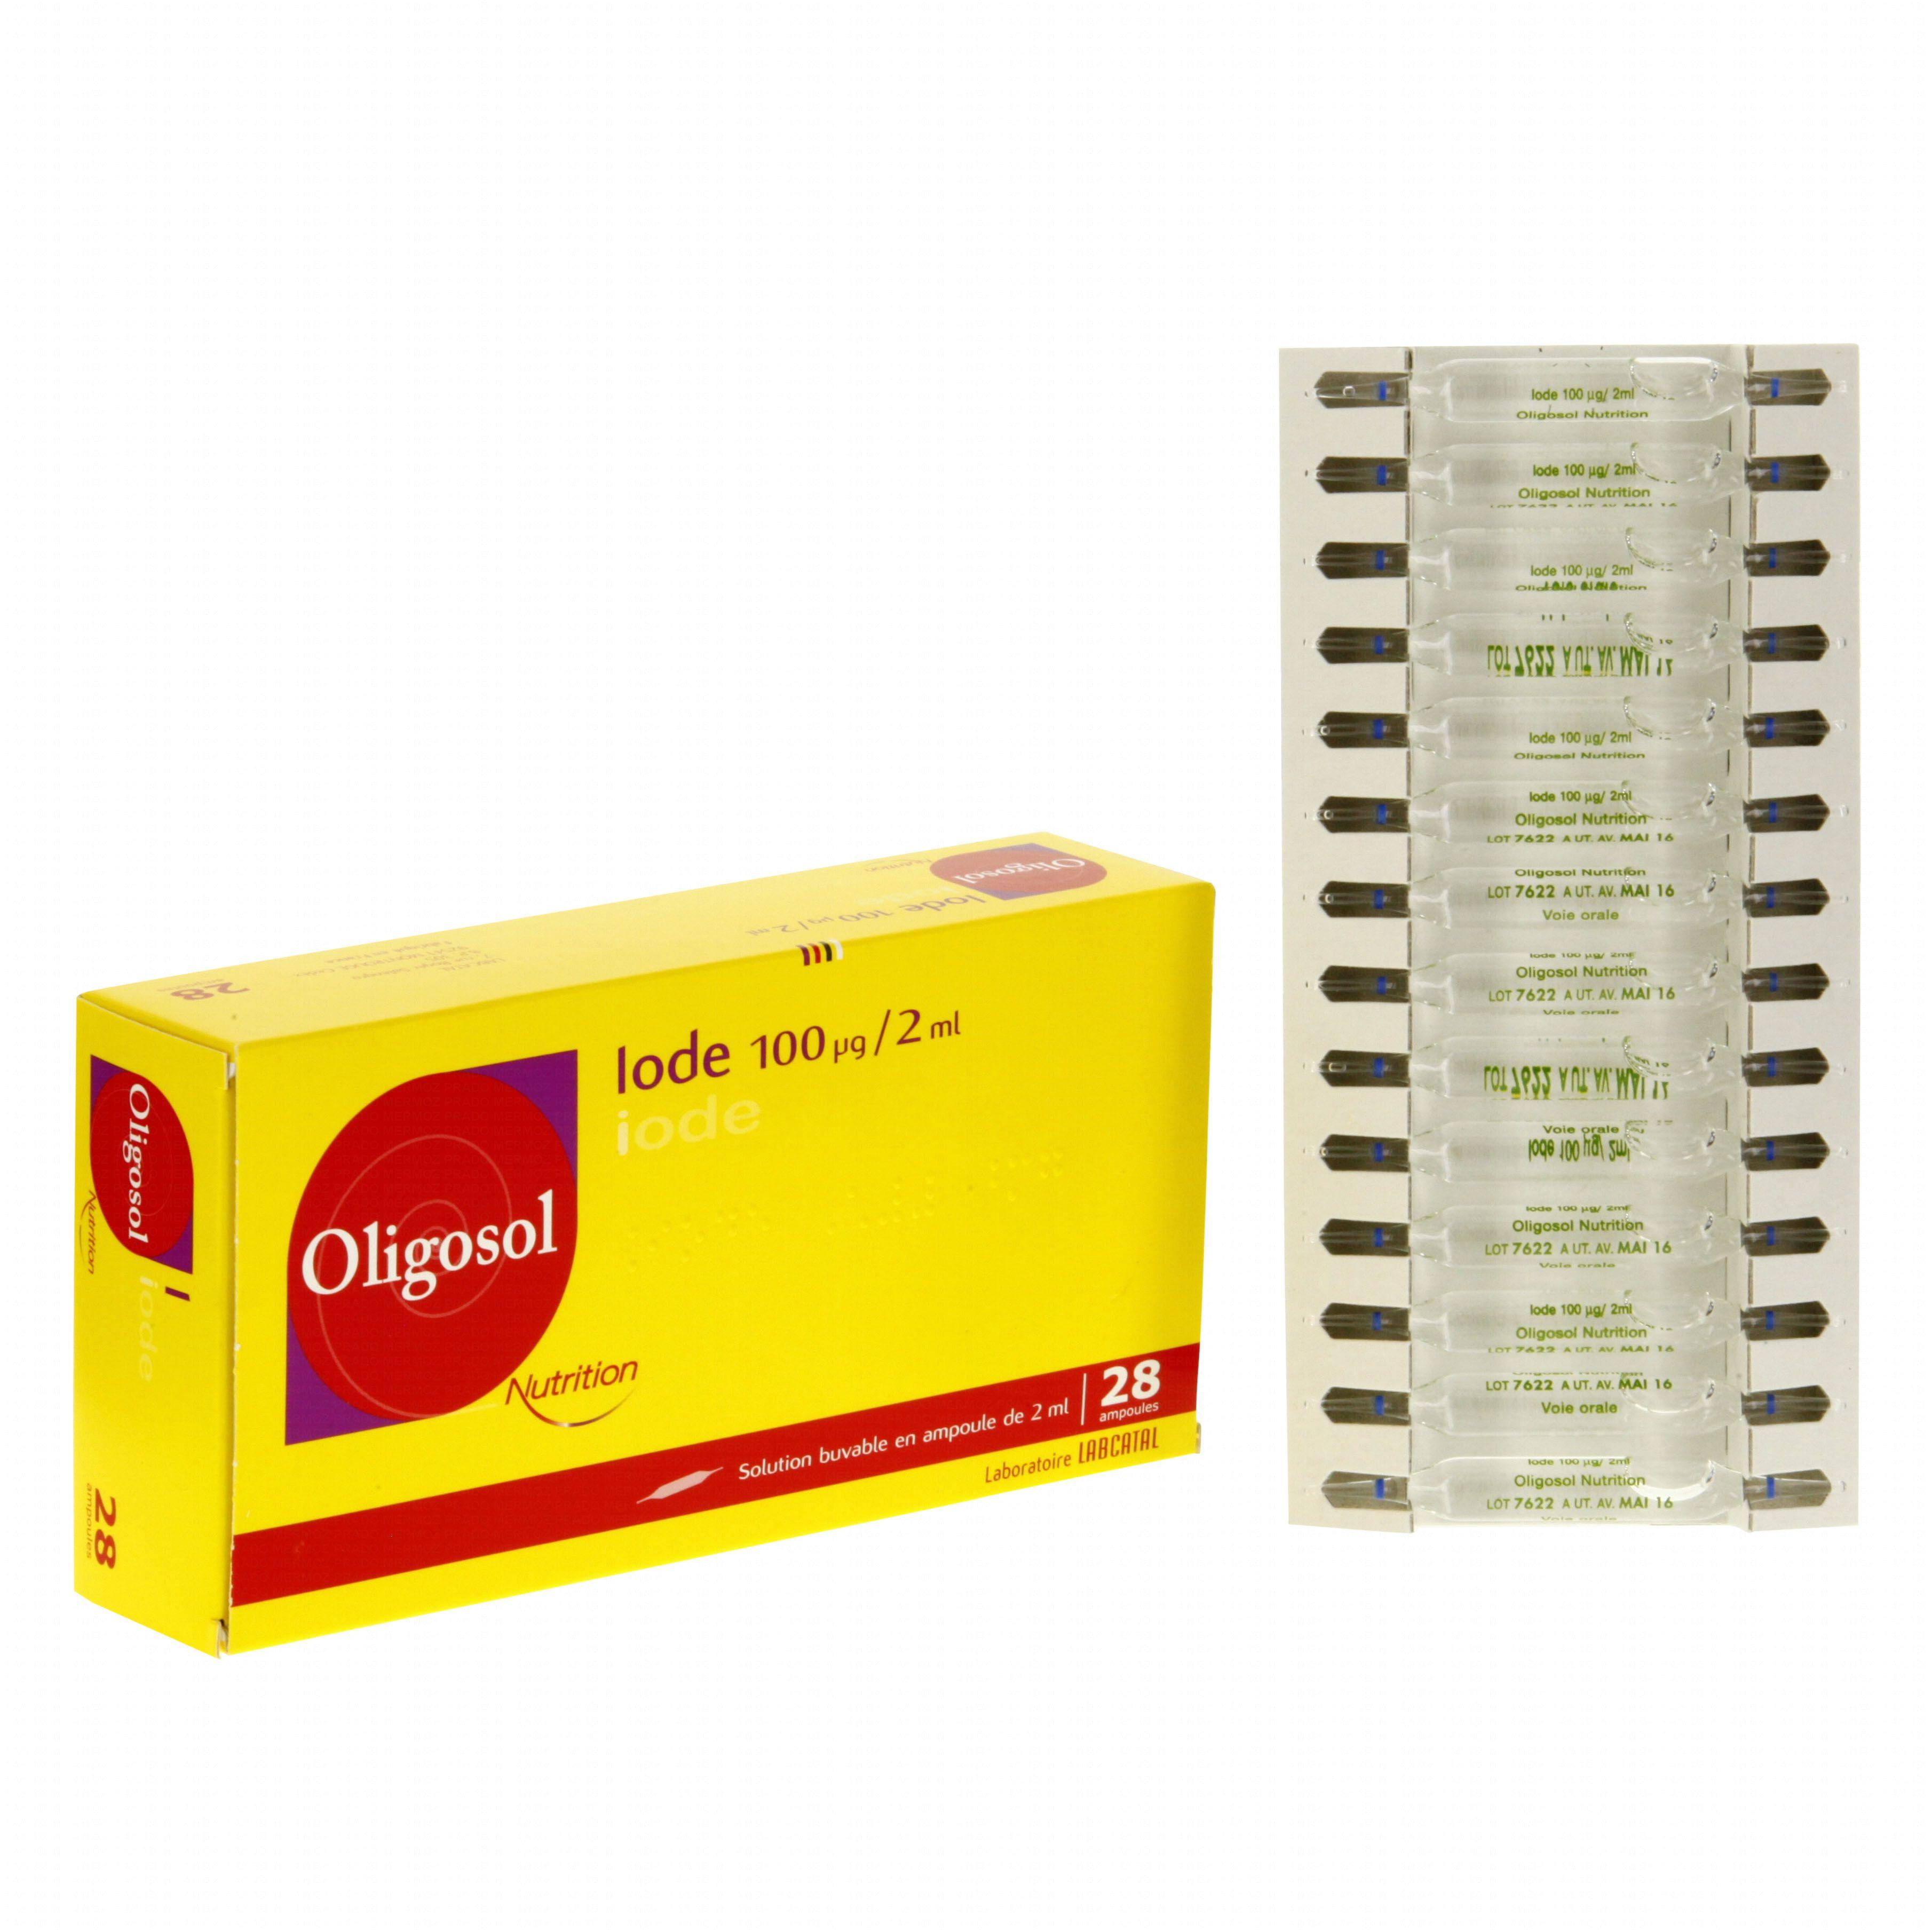 oligosol nutrition iode bo te de 28 ampoules labcatal m dicament conseil pharmacie en ligne. Black Bedroom Furniture Sets. Home Design Ideas